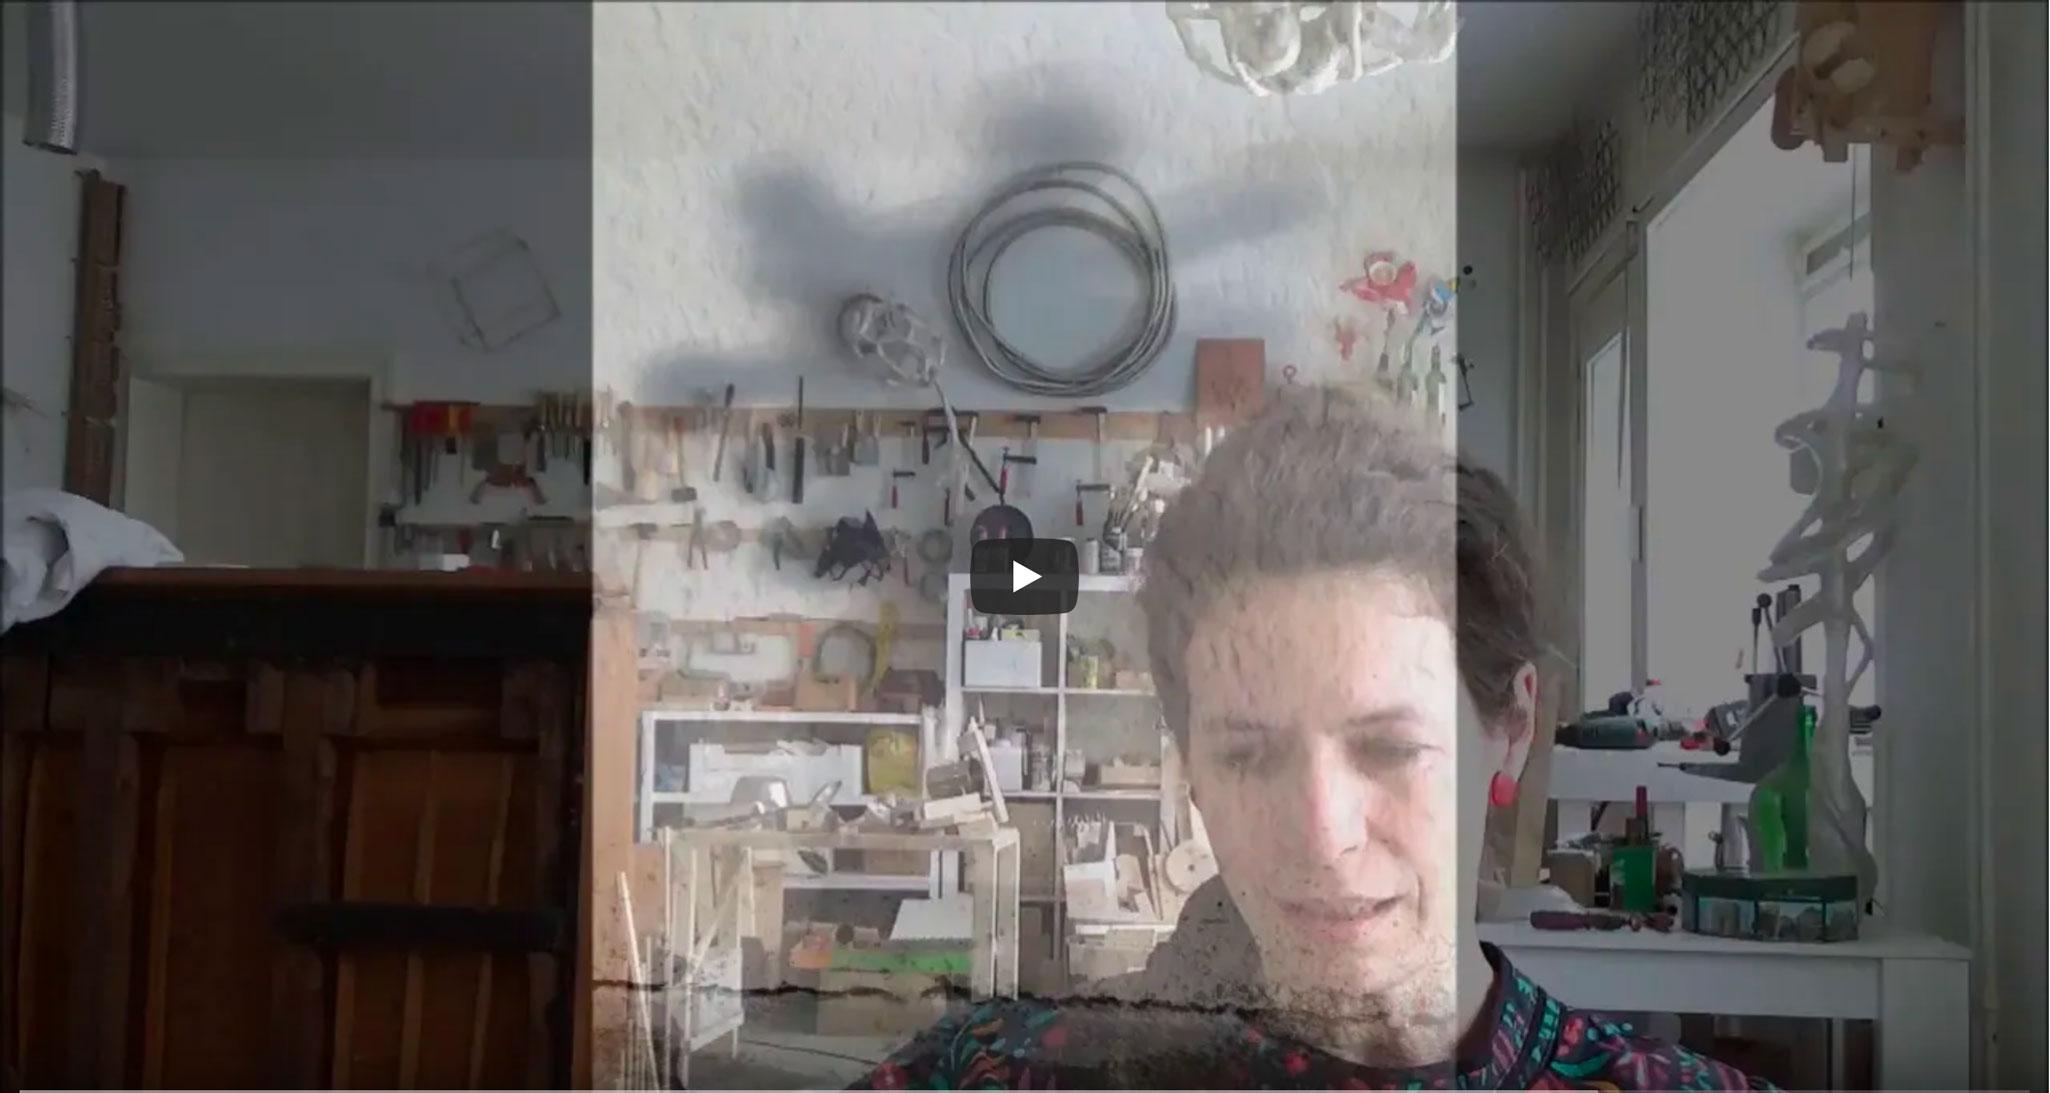 galerie moench zeitgenoessische kunst lilla von puttkamer malerei